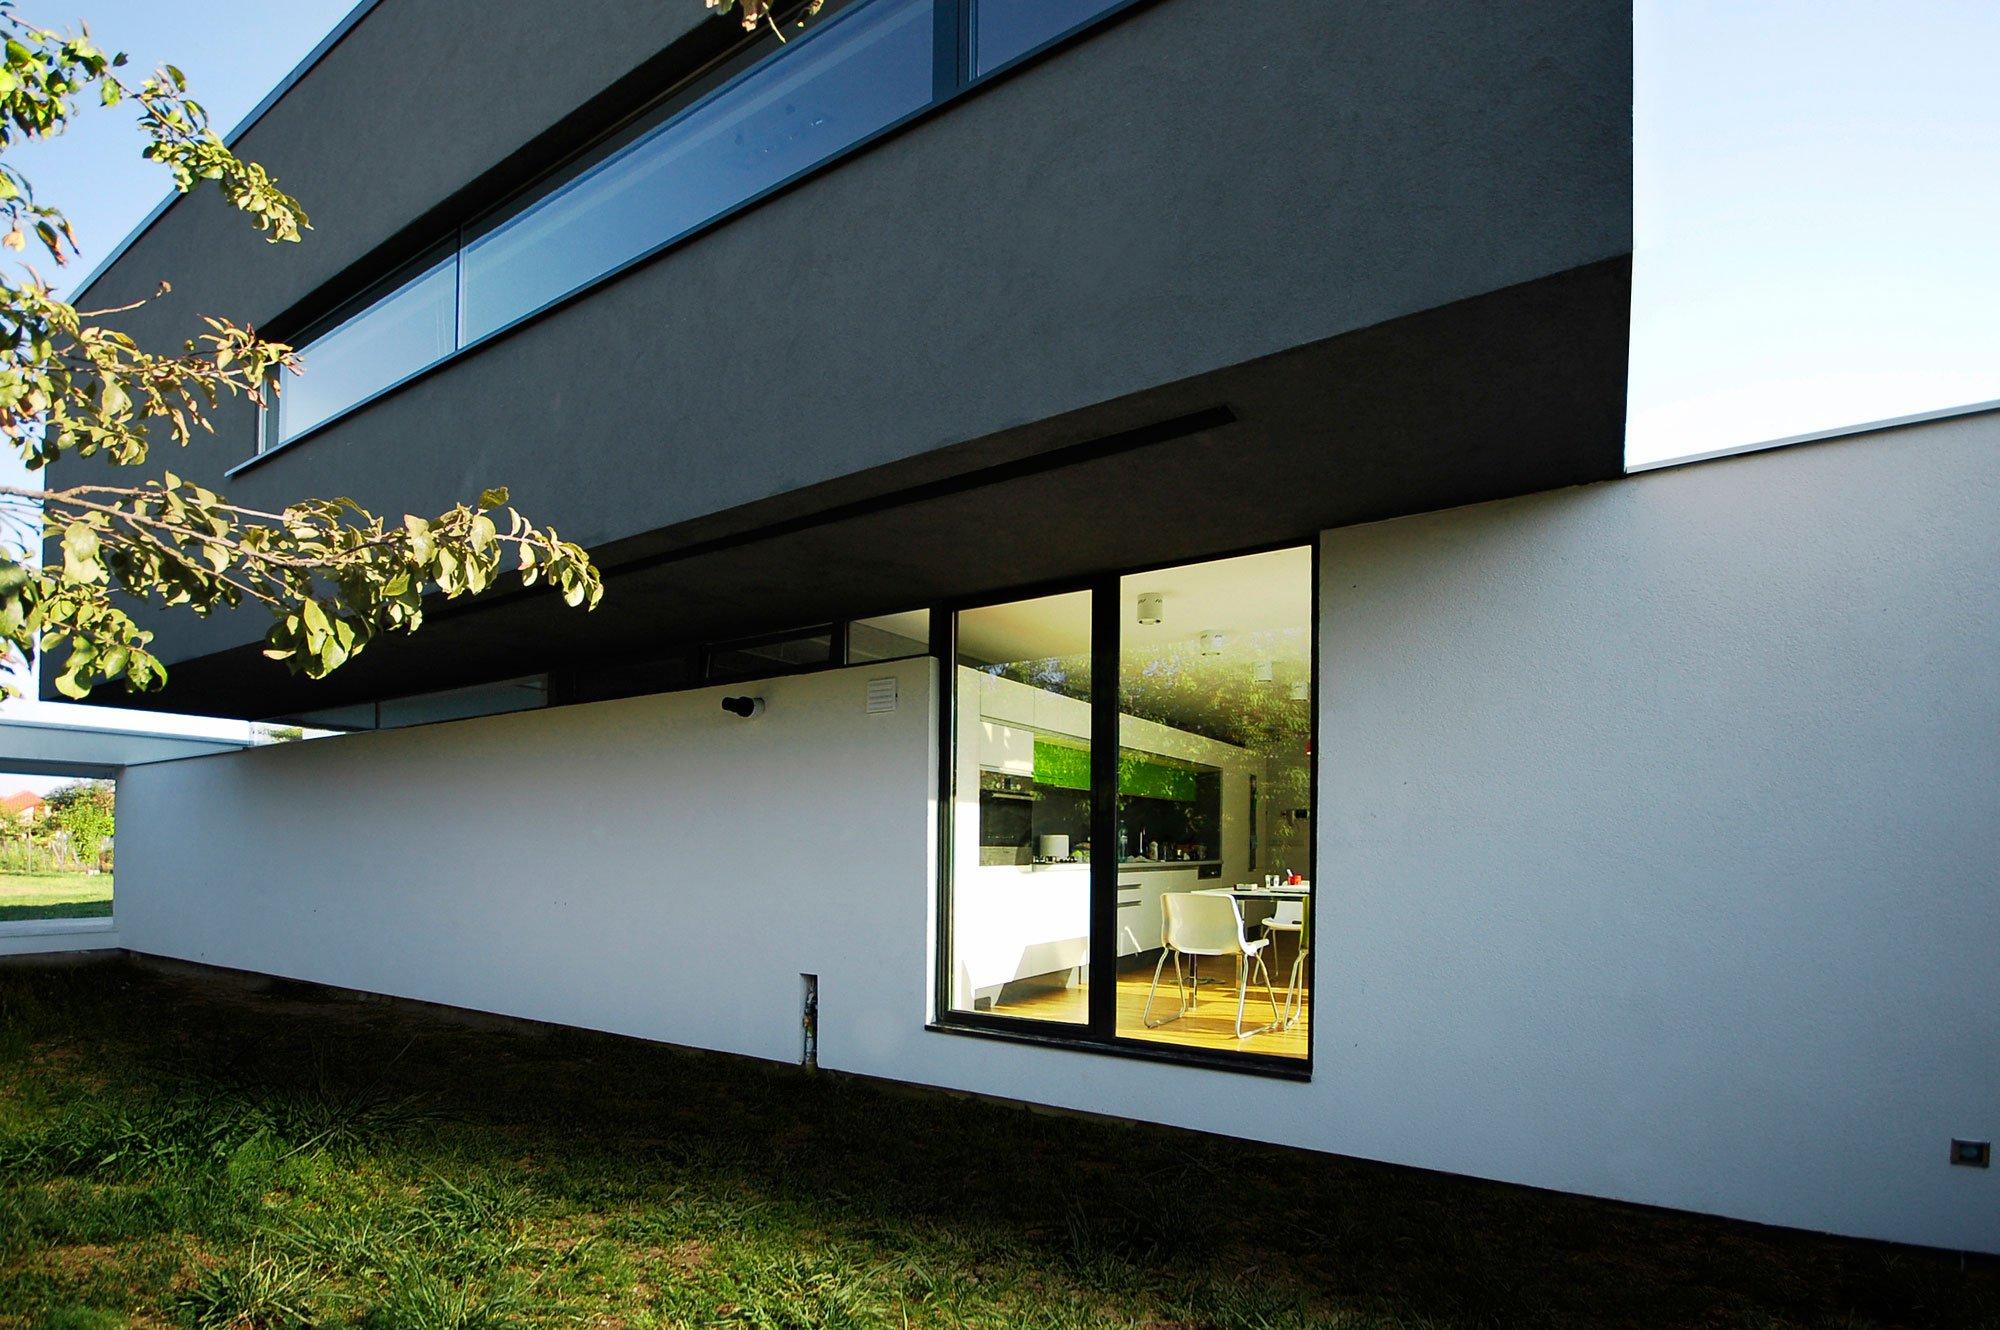 Fachadas modernas de casas de dos pisos for Fachadas modernas una planta